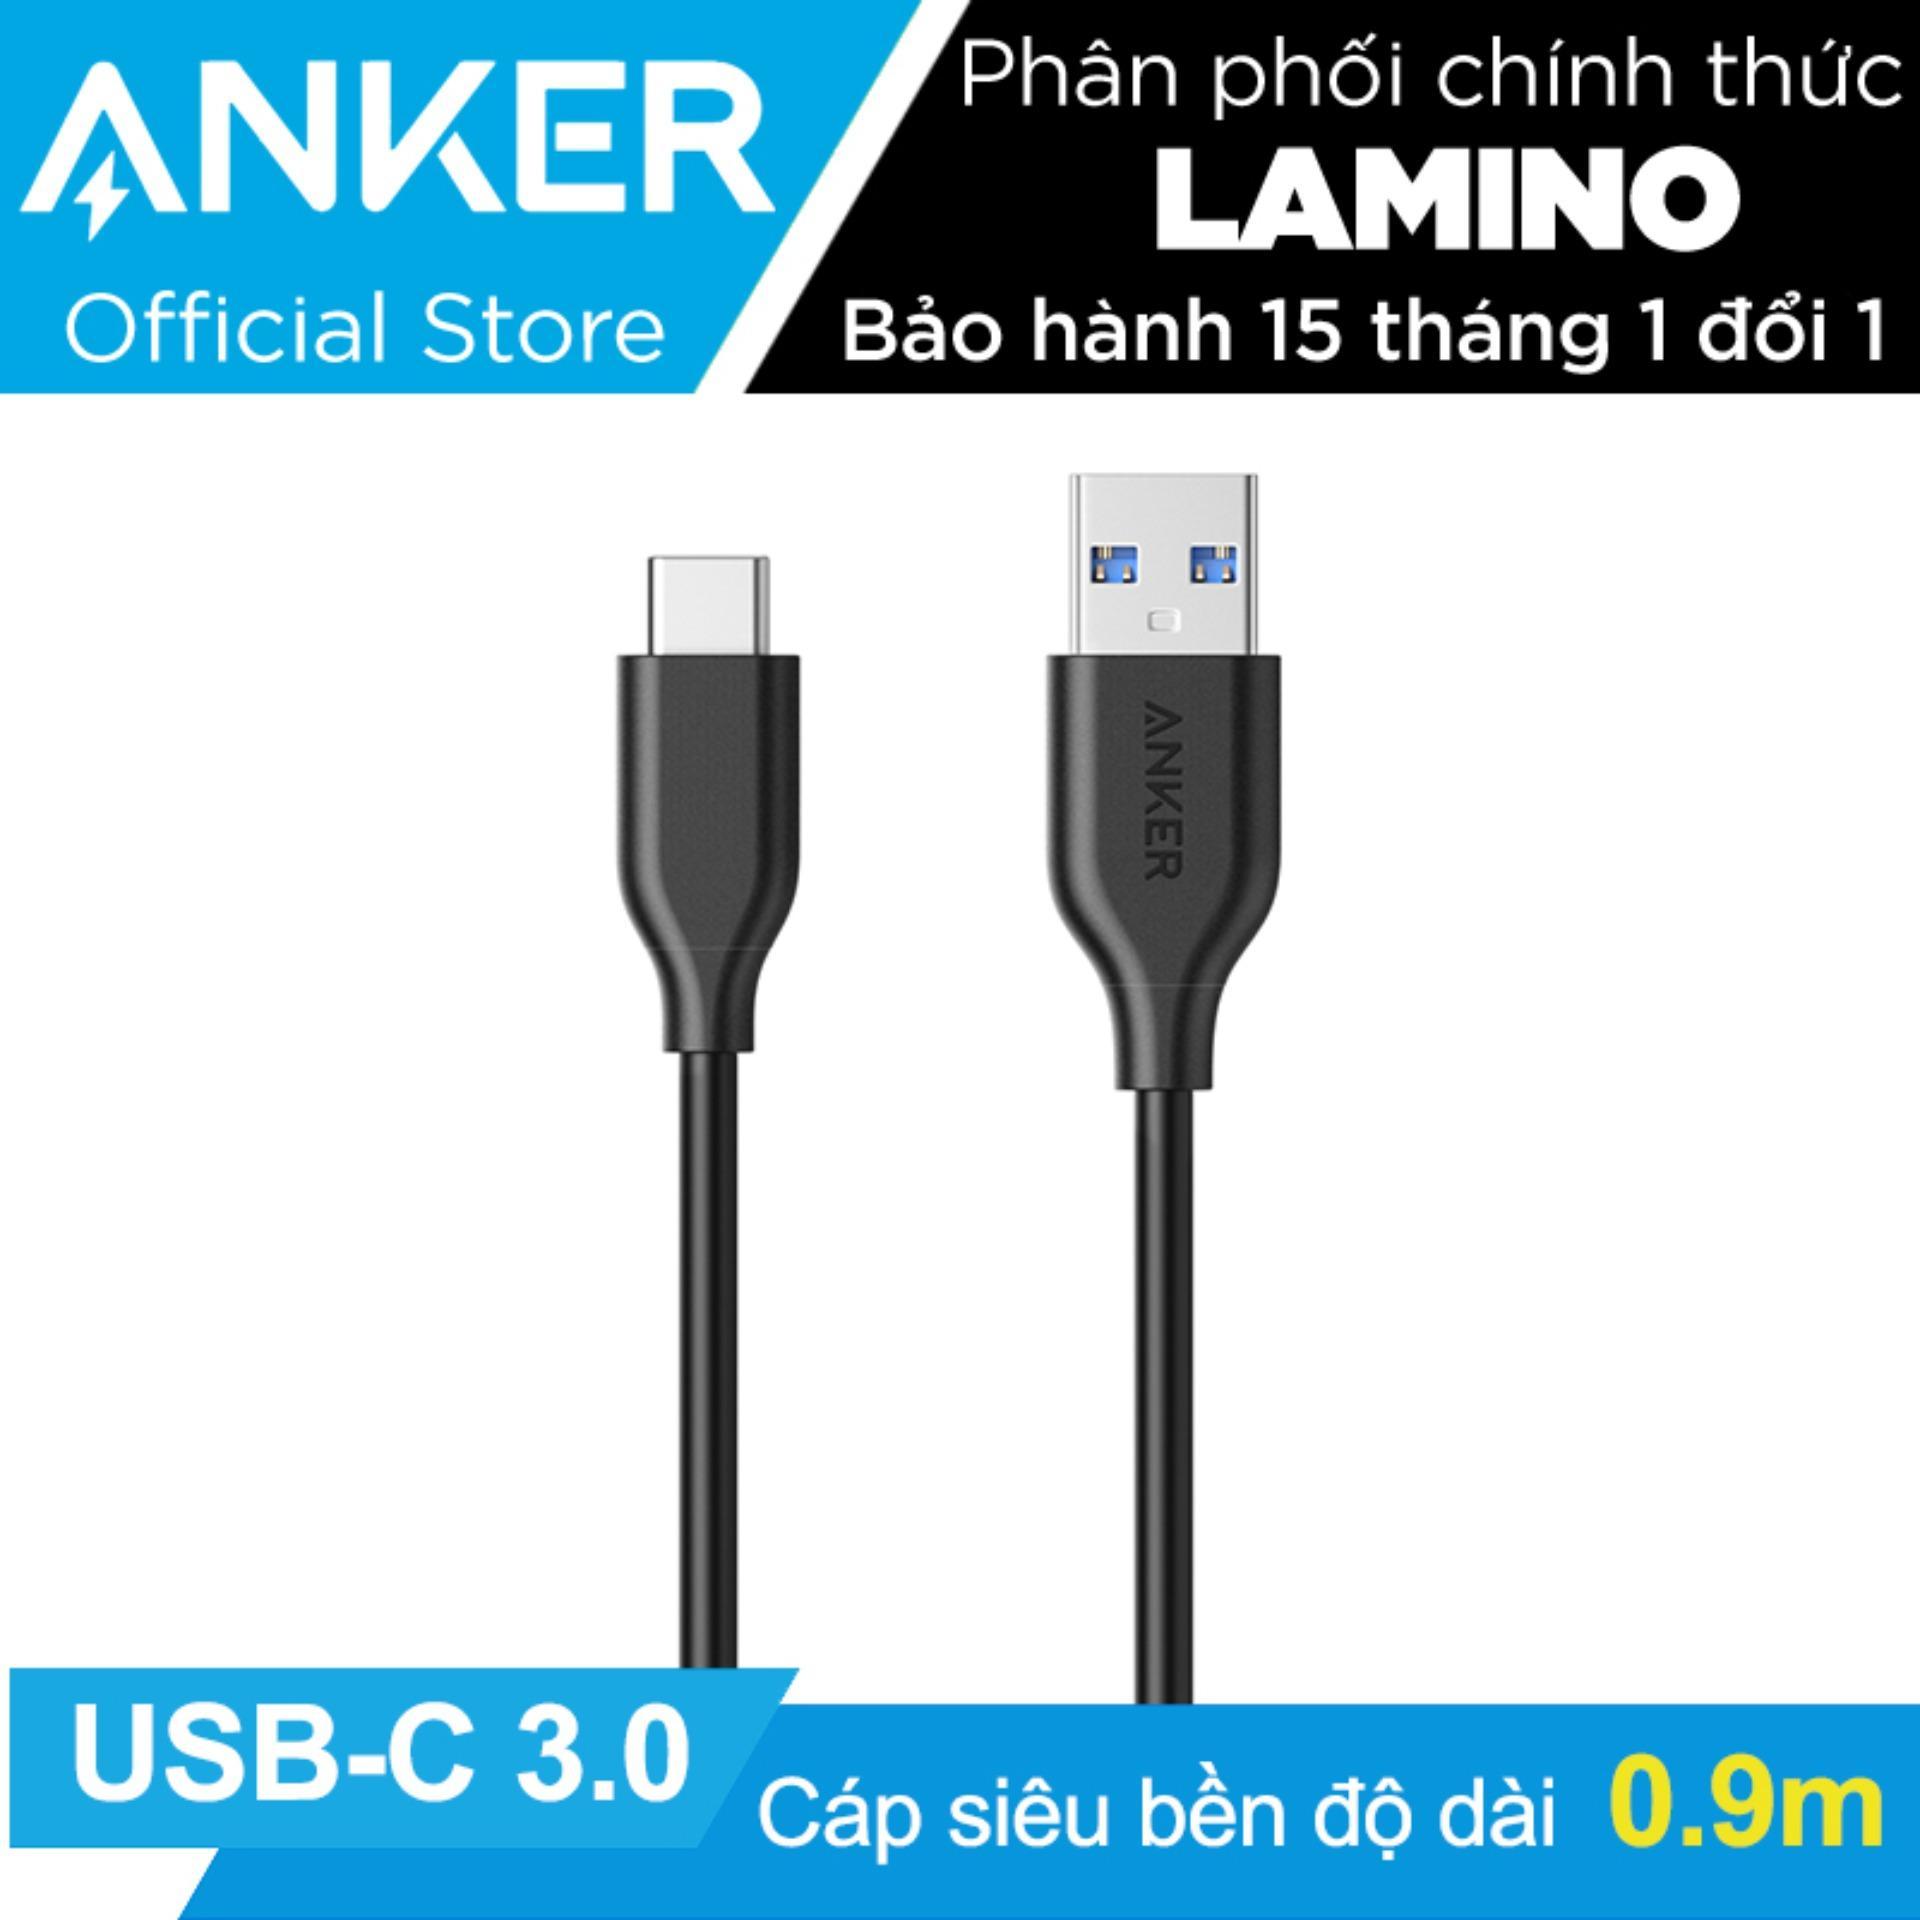 Bán Cap Sieu Bền Type C Anker Powerline Usb C To Usb 3 Dai 9M Đen Hang Phan Phối Chinh Thức Trực Tuyến Trong Hồ Chí Minh